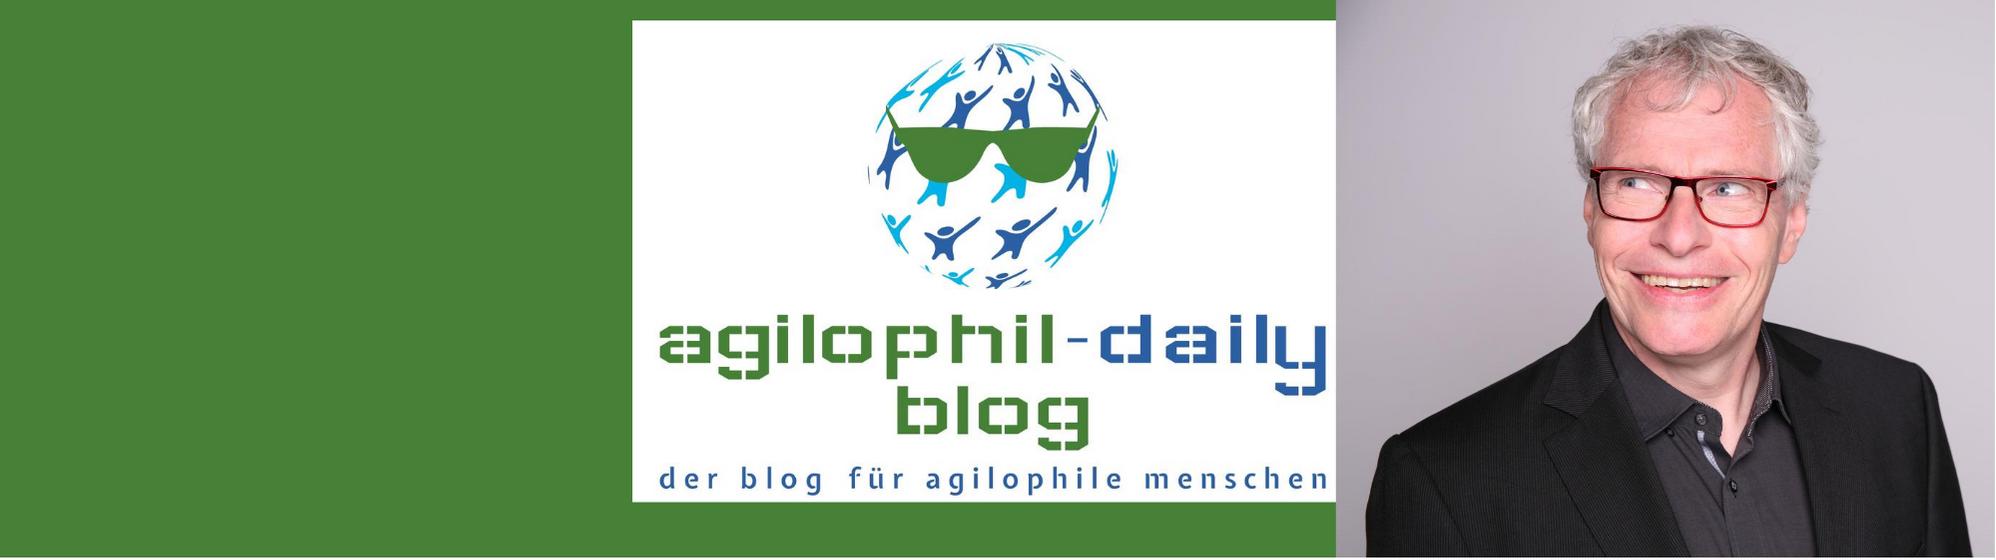 Blogseite